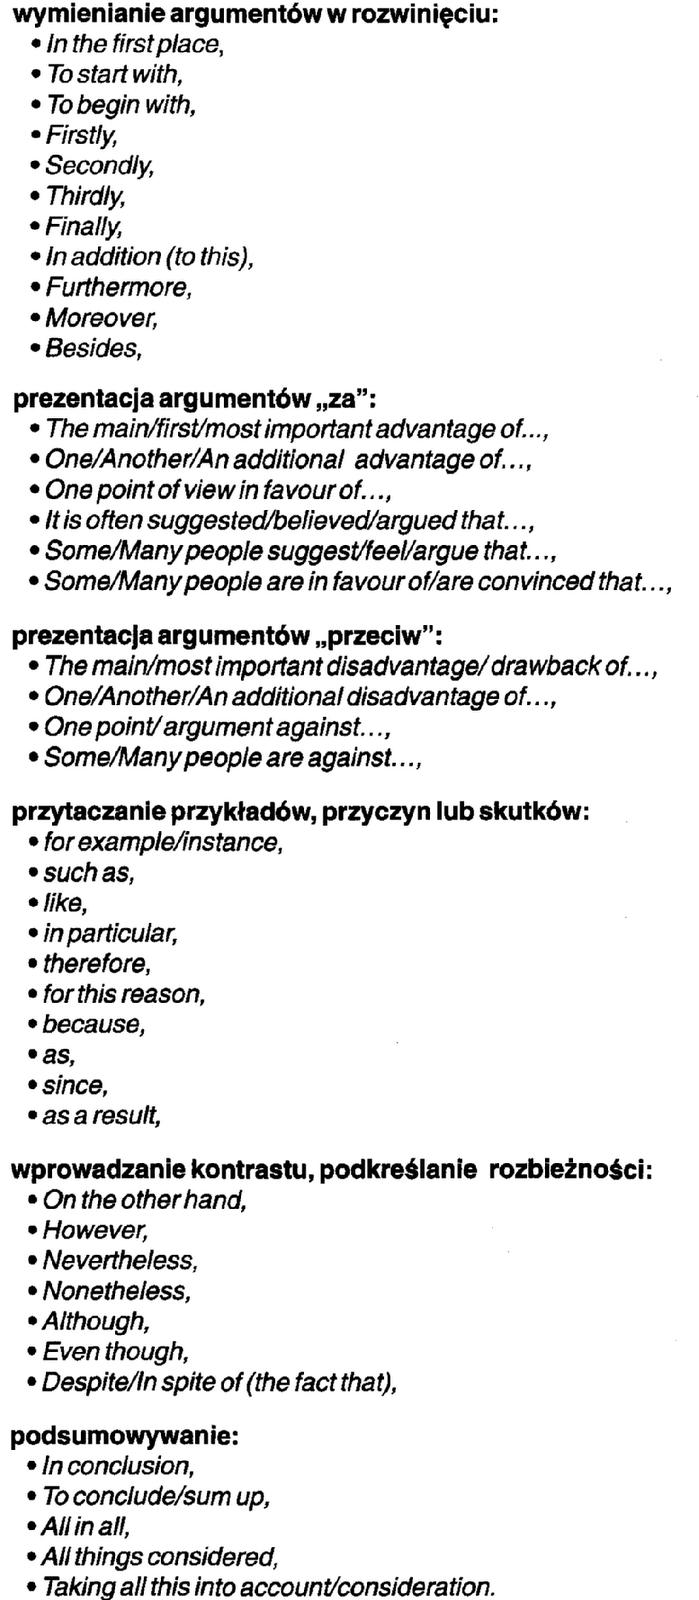 rozprawka opinion essay matura Opinion essay - matura rozszerzona z języka angielskiego przykładowa rozprawka typu opinion essay po angielsku opinion essay wzór opinion essay przykład.